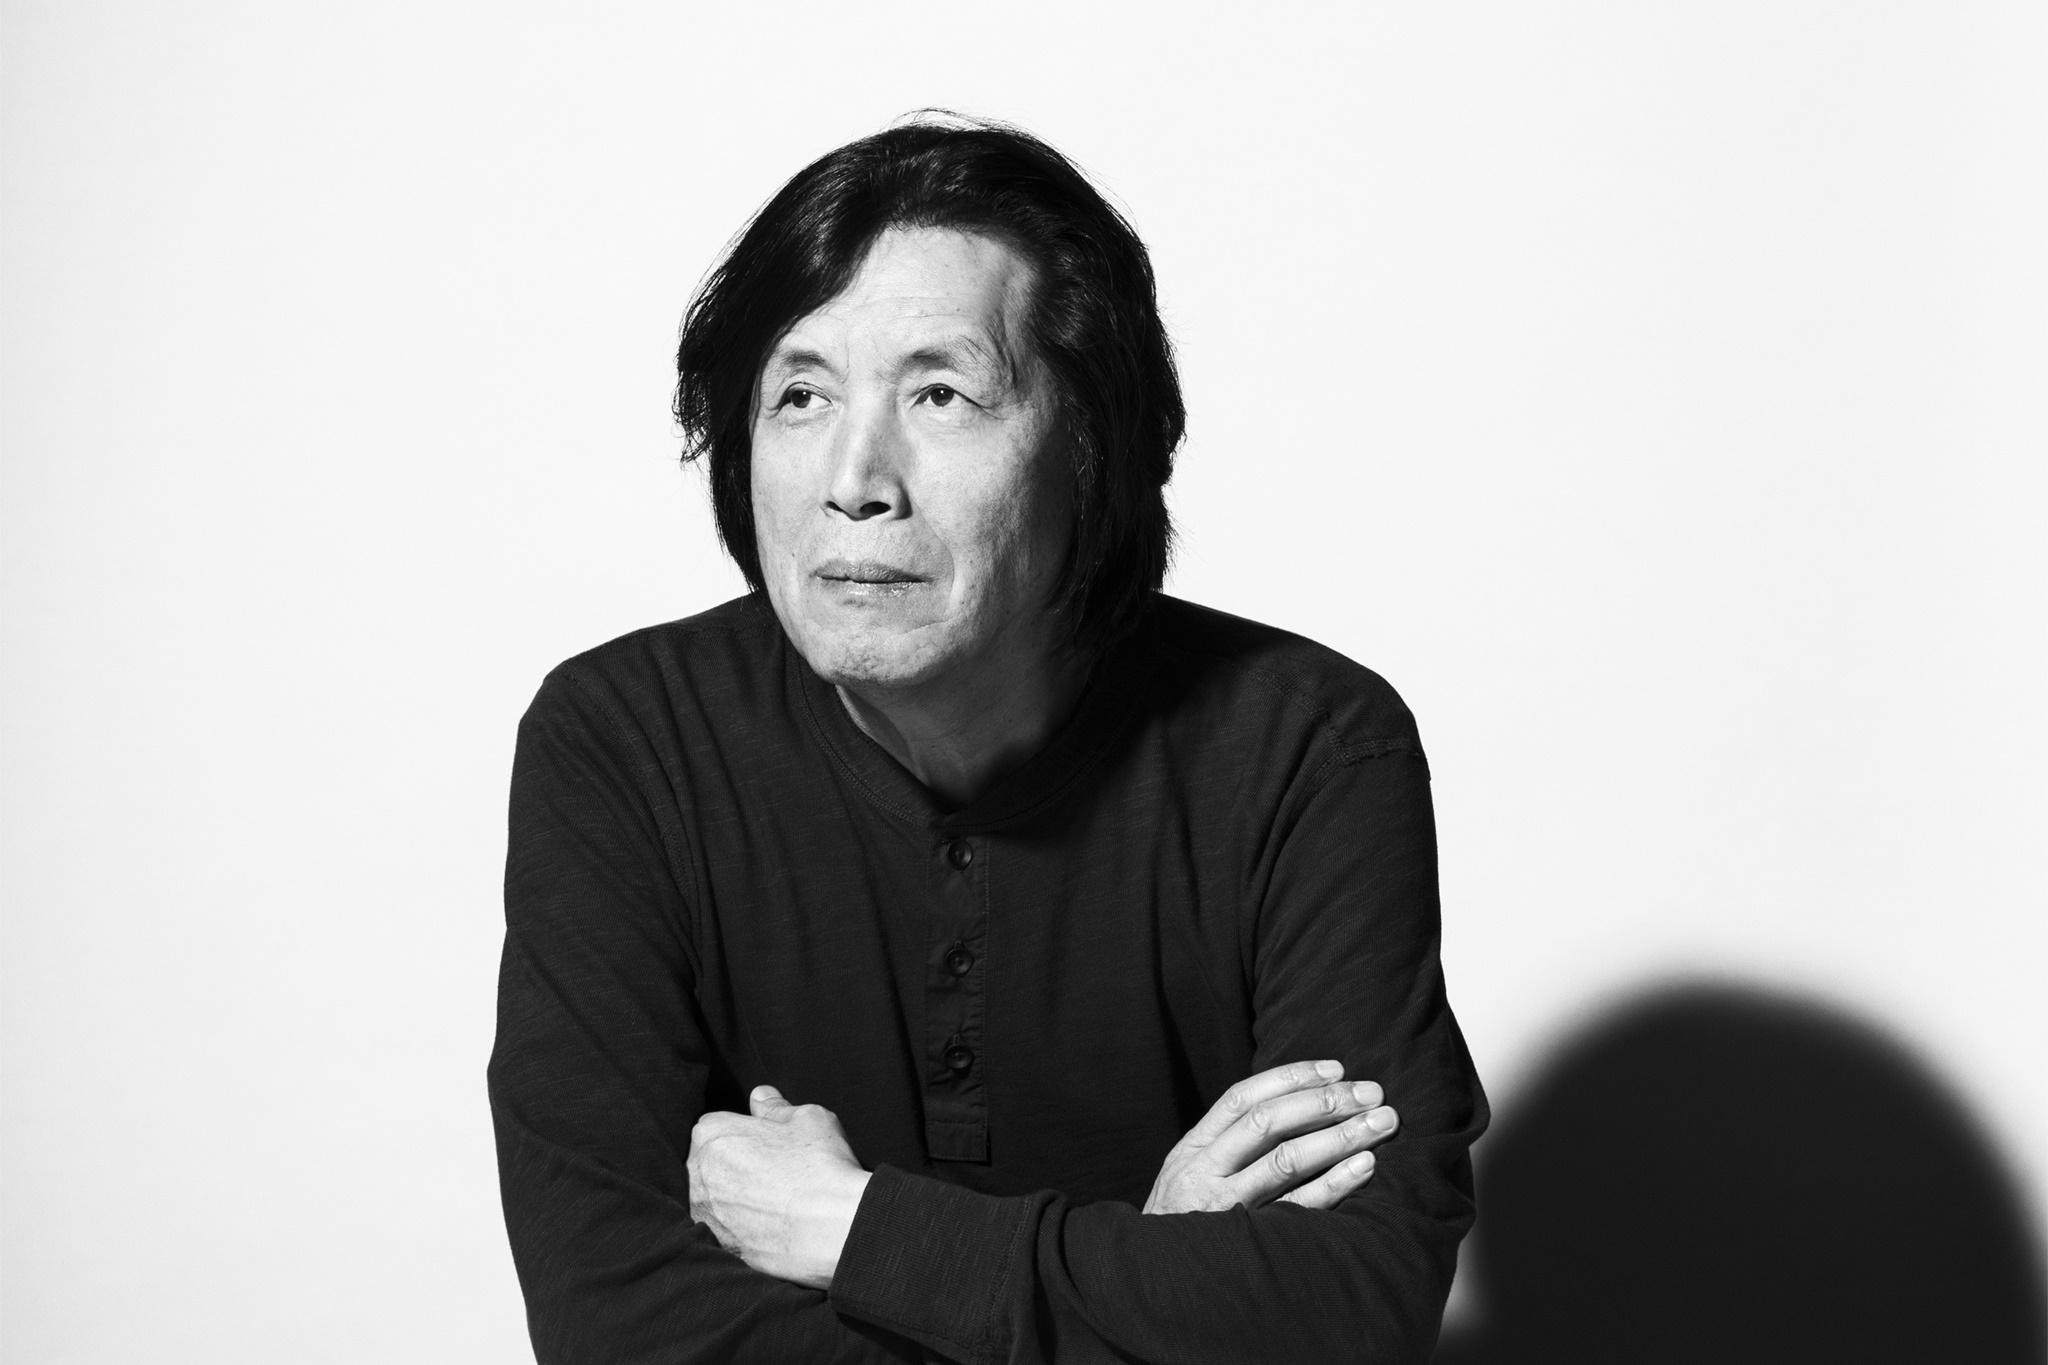 Lee Chang-dong Sineması: Acının Muhasebesi ve Yeni Başlangıçlar